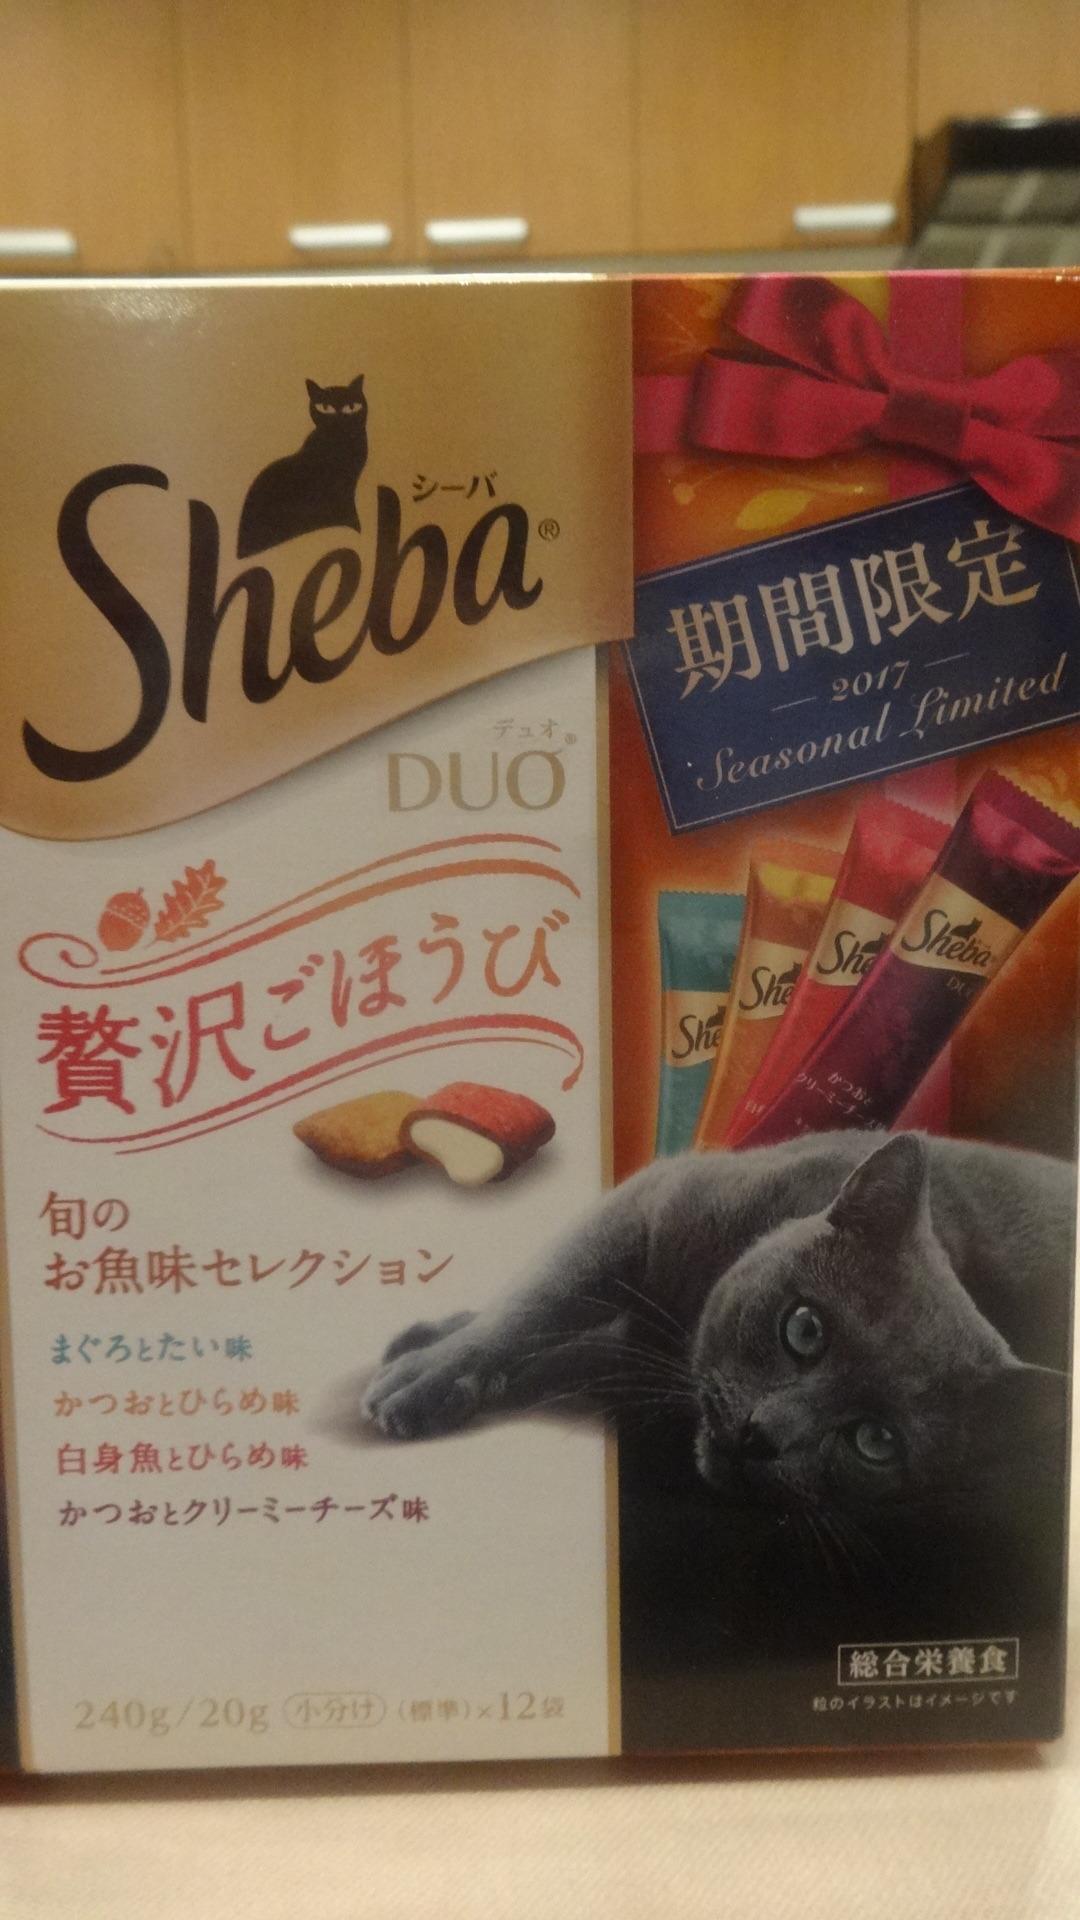 シーバの箱の写真